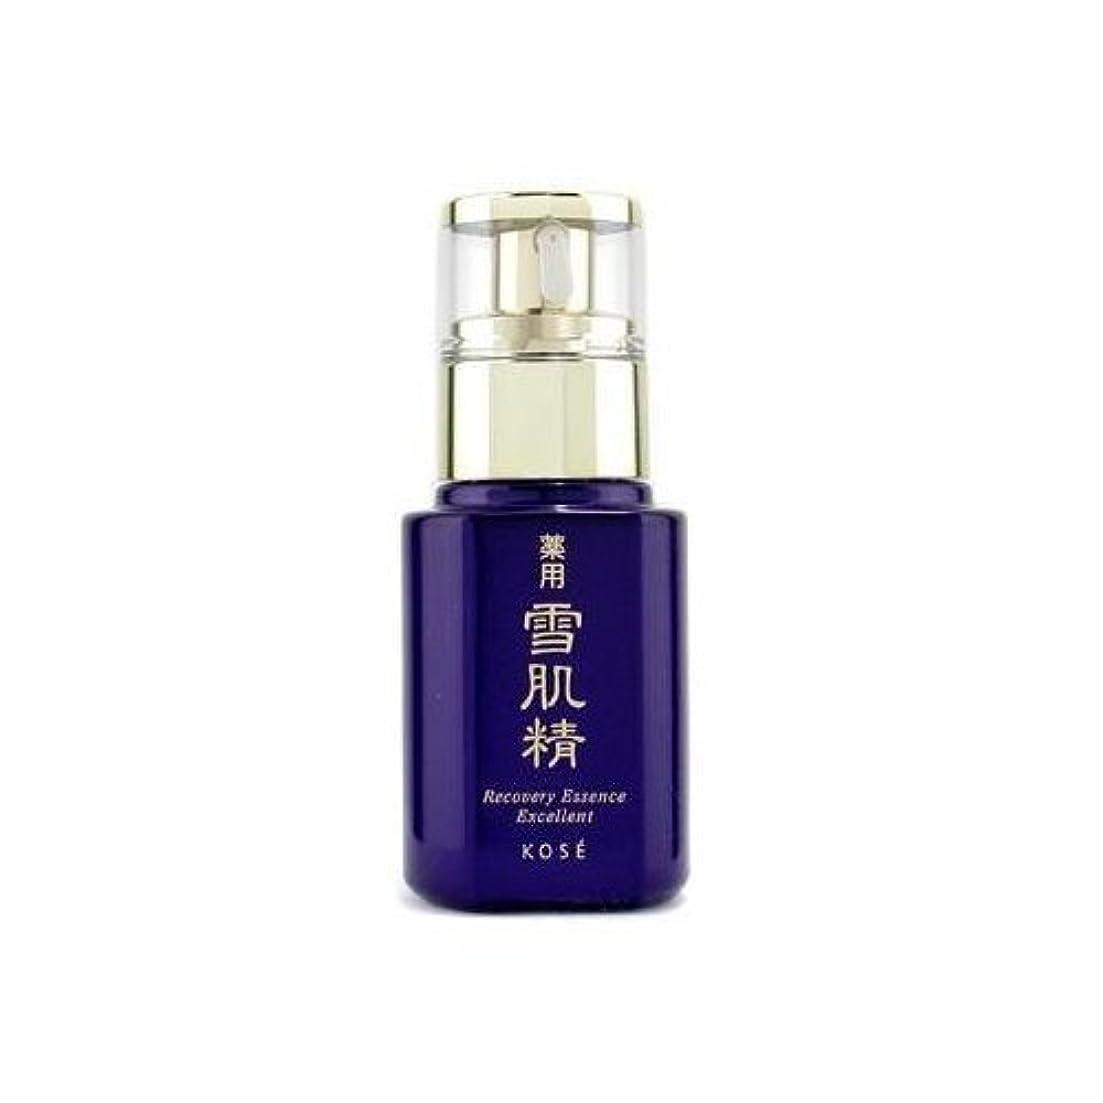 【コーセー 美容液】薬用 雪肌精 リカバリーエッセンスエクセレント 50ml